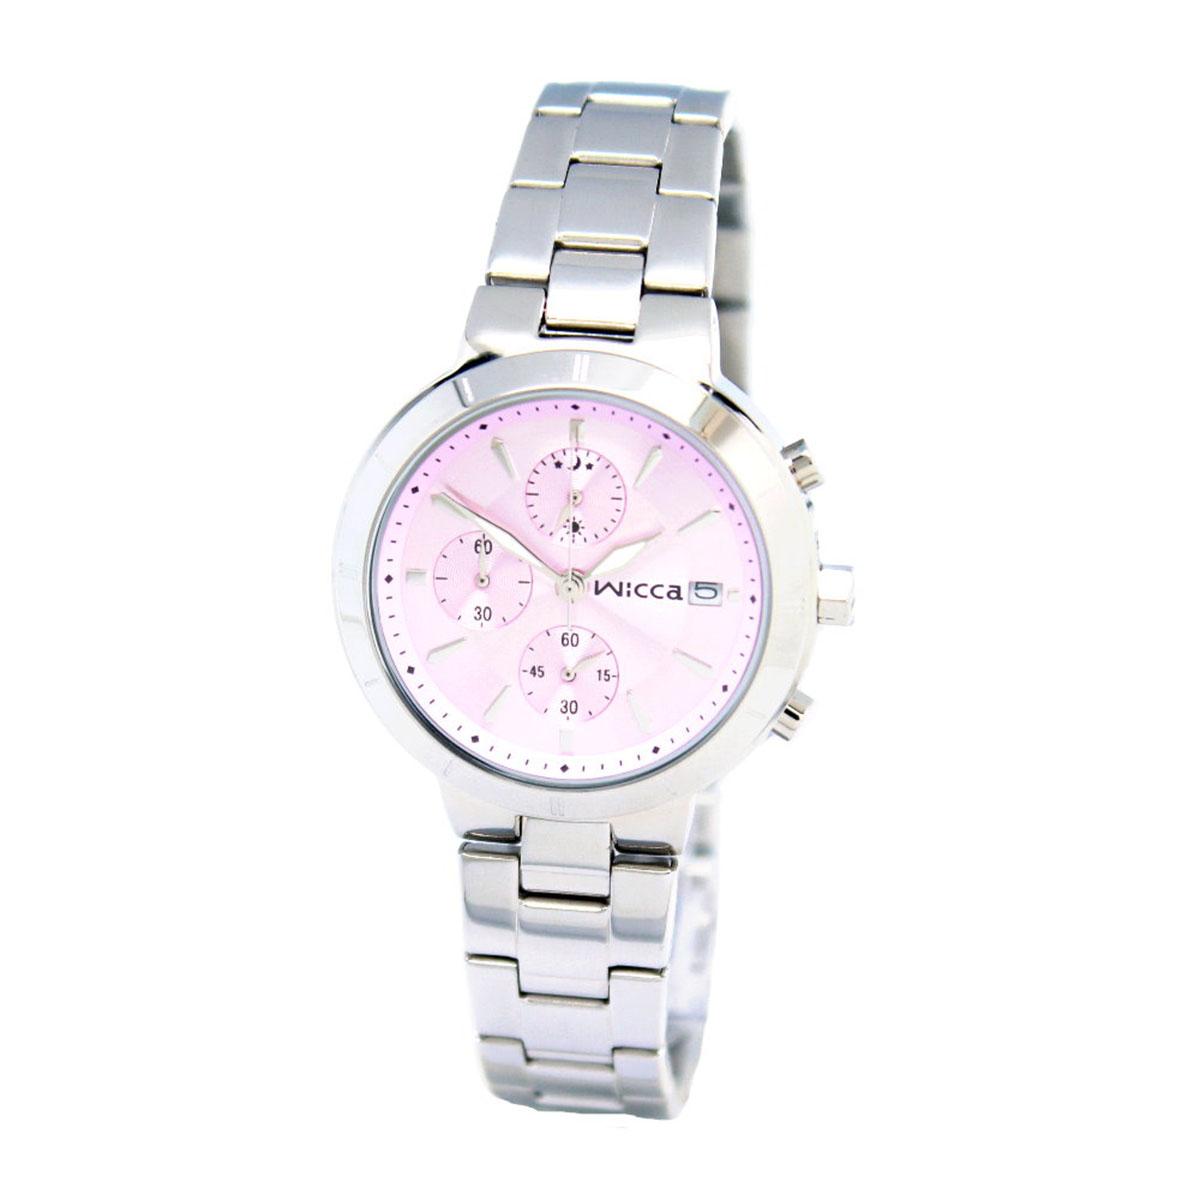 นาฬิกาผู้หญิง Citizen รุ่น BM2-217-91, Casual Chrono Analog Silver Watch